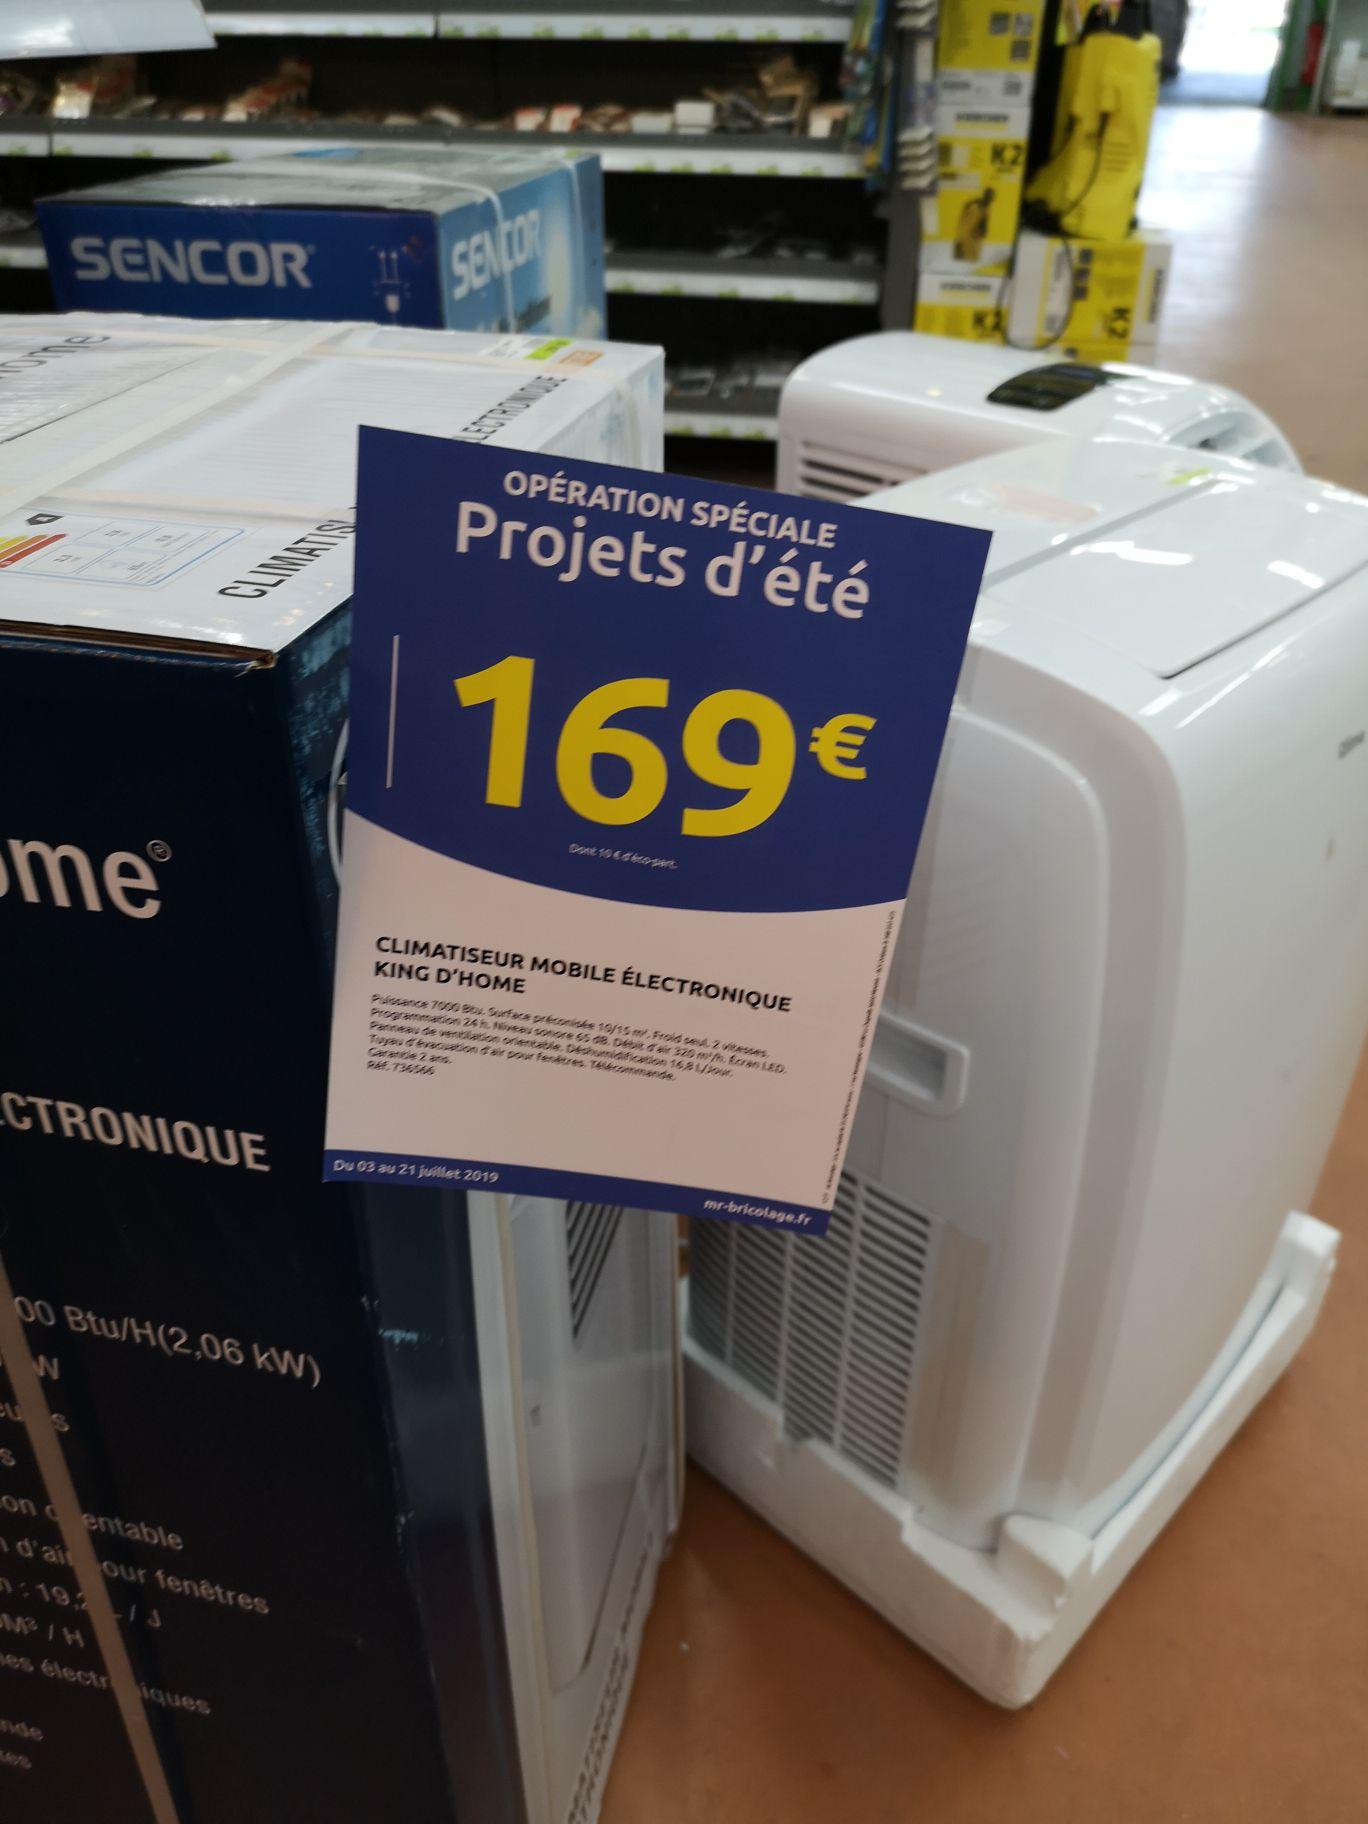 Climatiseur King d'Home KDCLIO78E - Marconne (62)